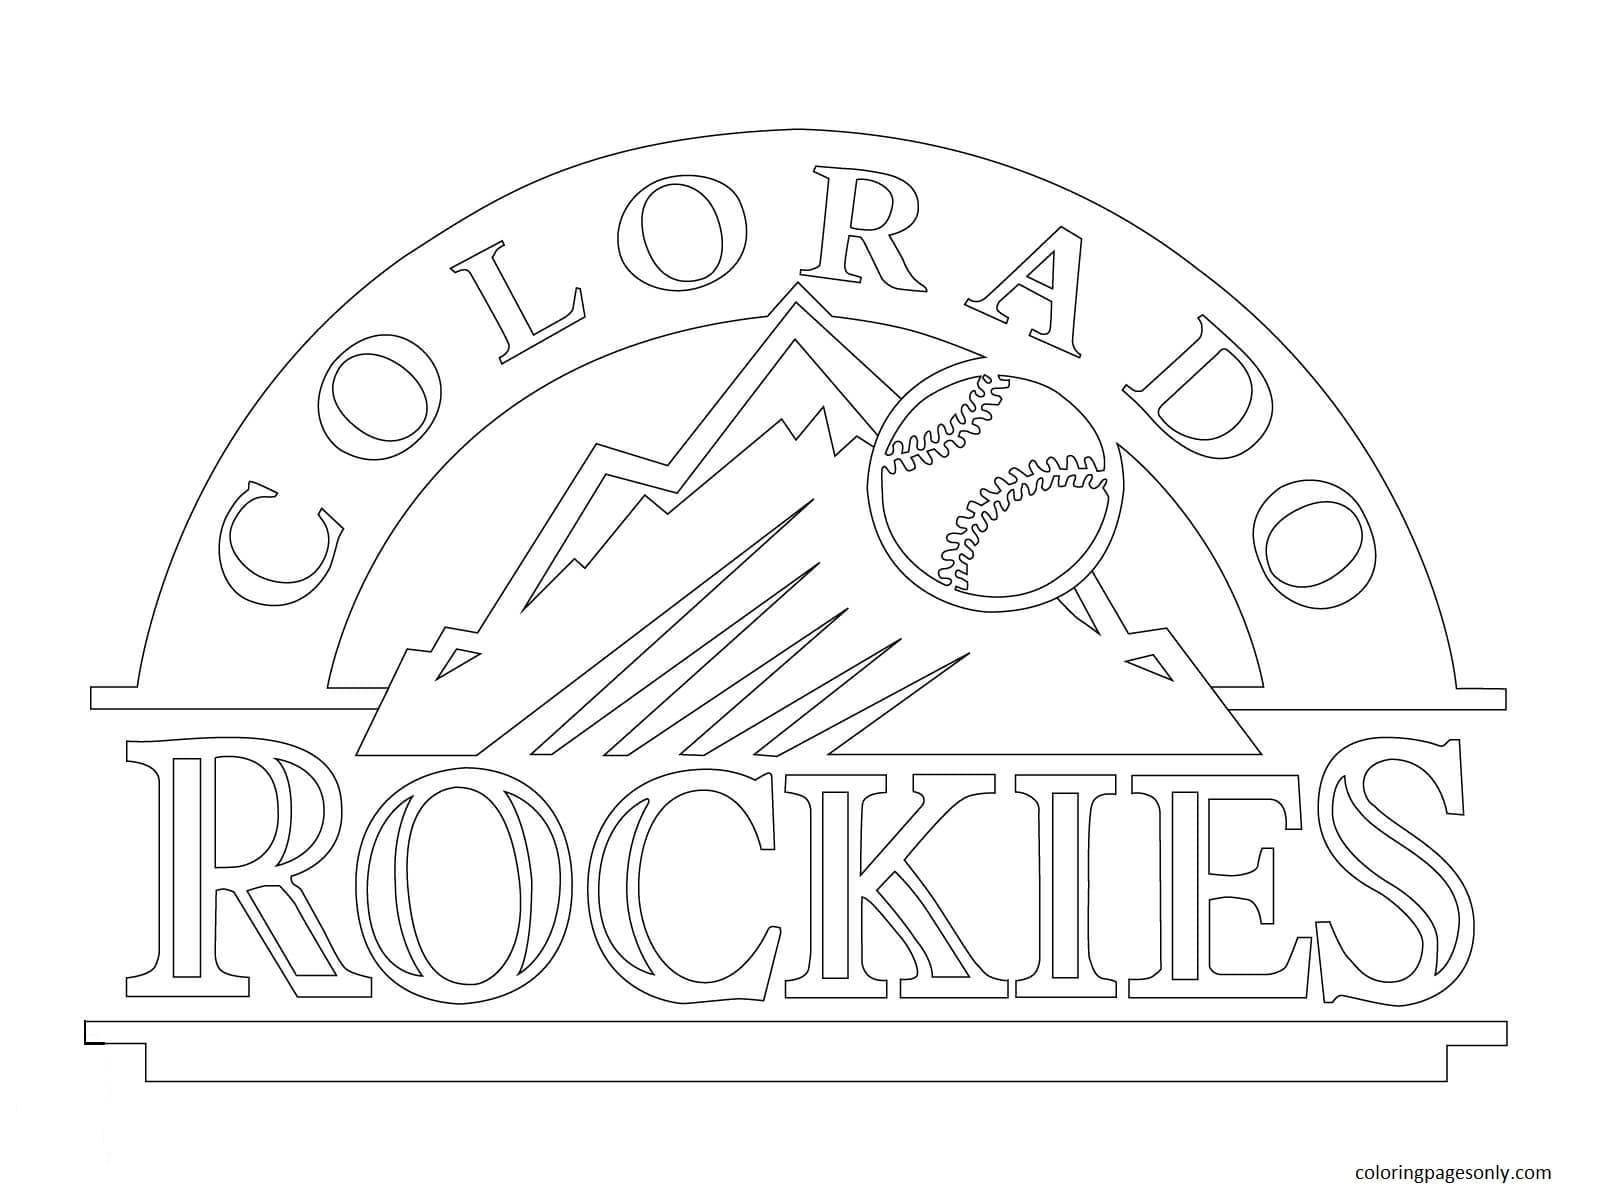 Colorado Rockies Logo Coloring Page